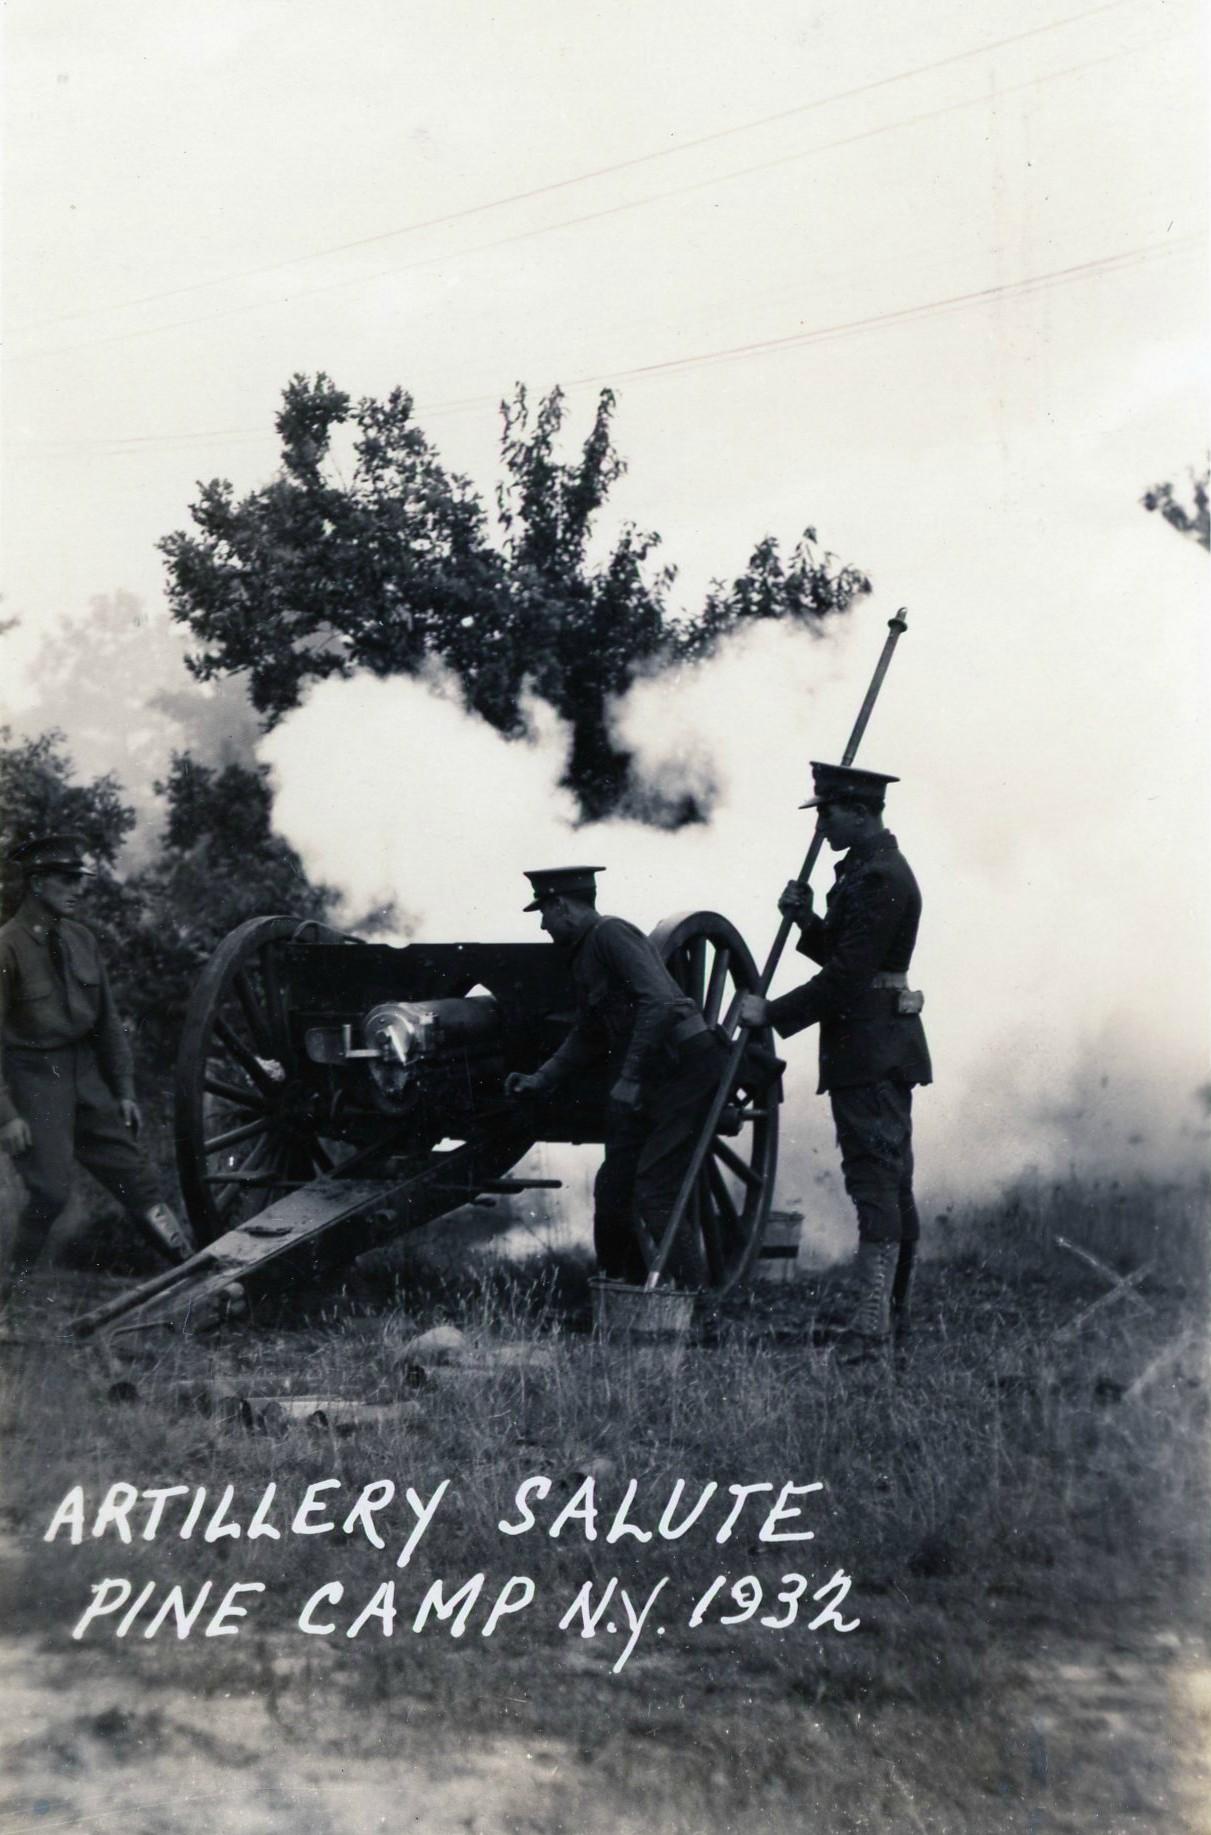 Artillery Salute at Pine Camp |